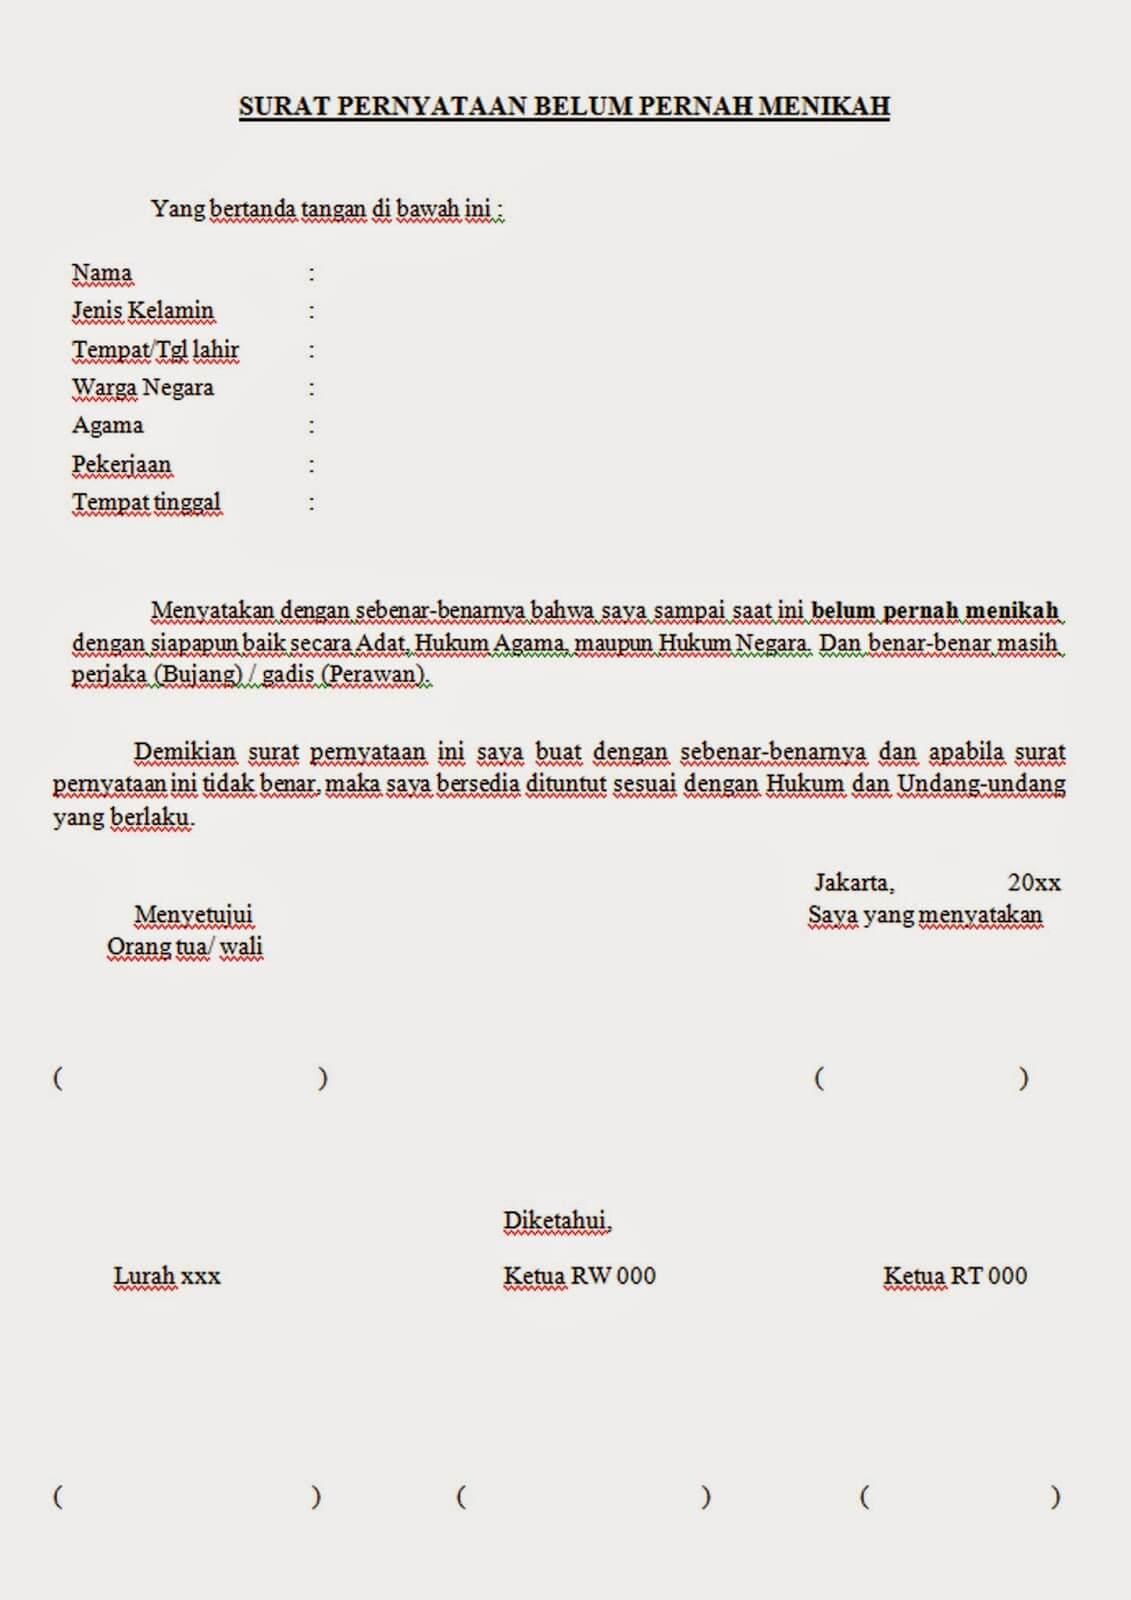 Contoh Surat Pernyataan Belum Pernah Menikah Untuk KUA